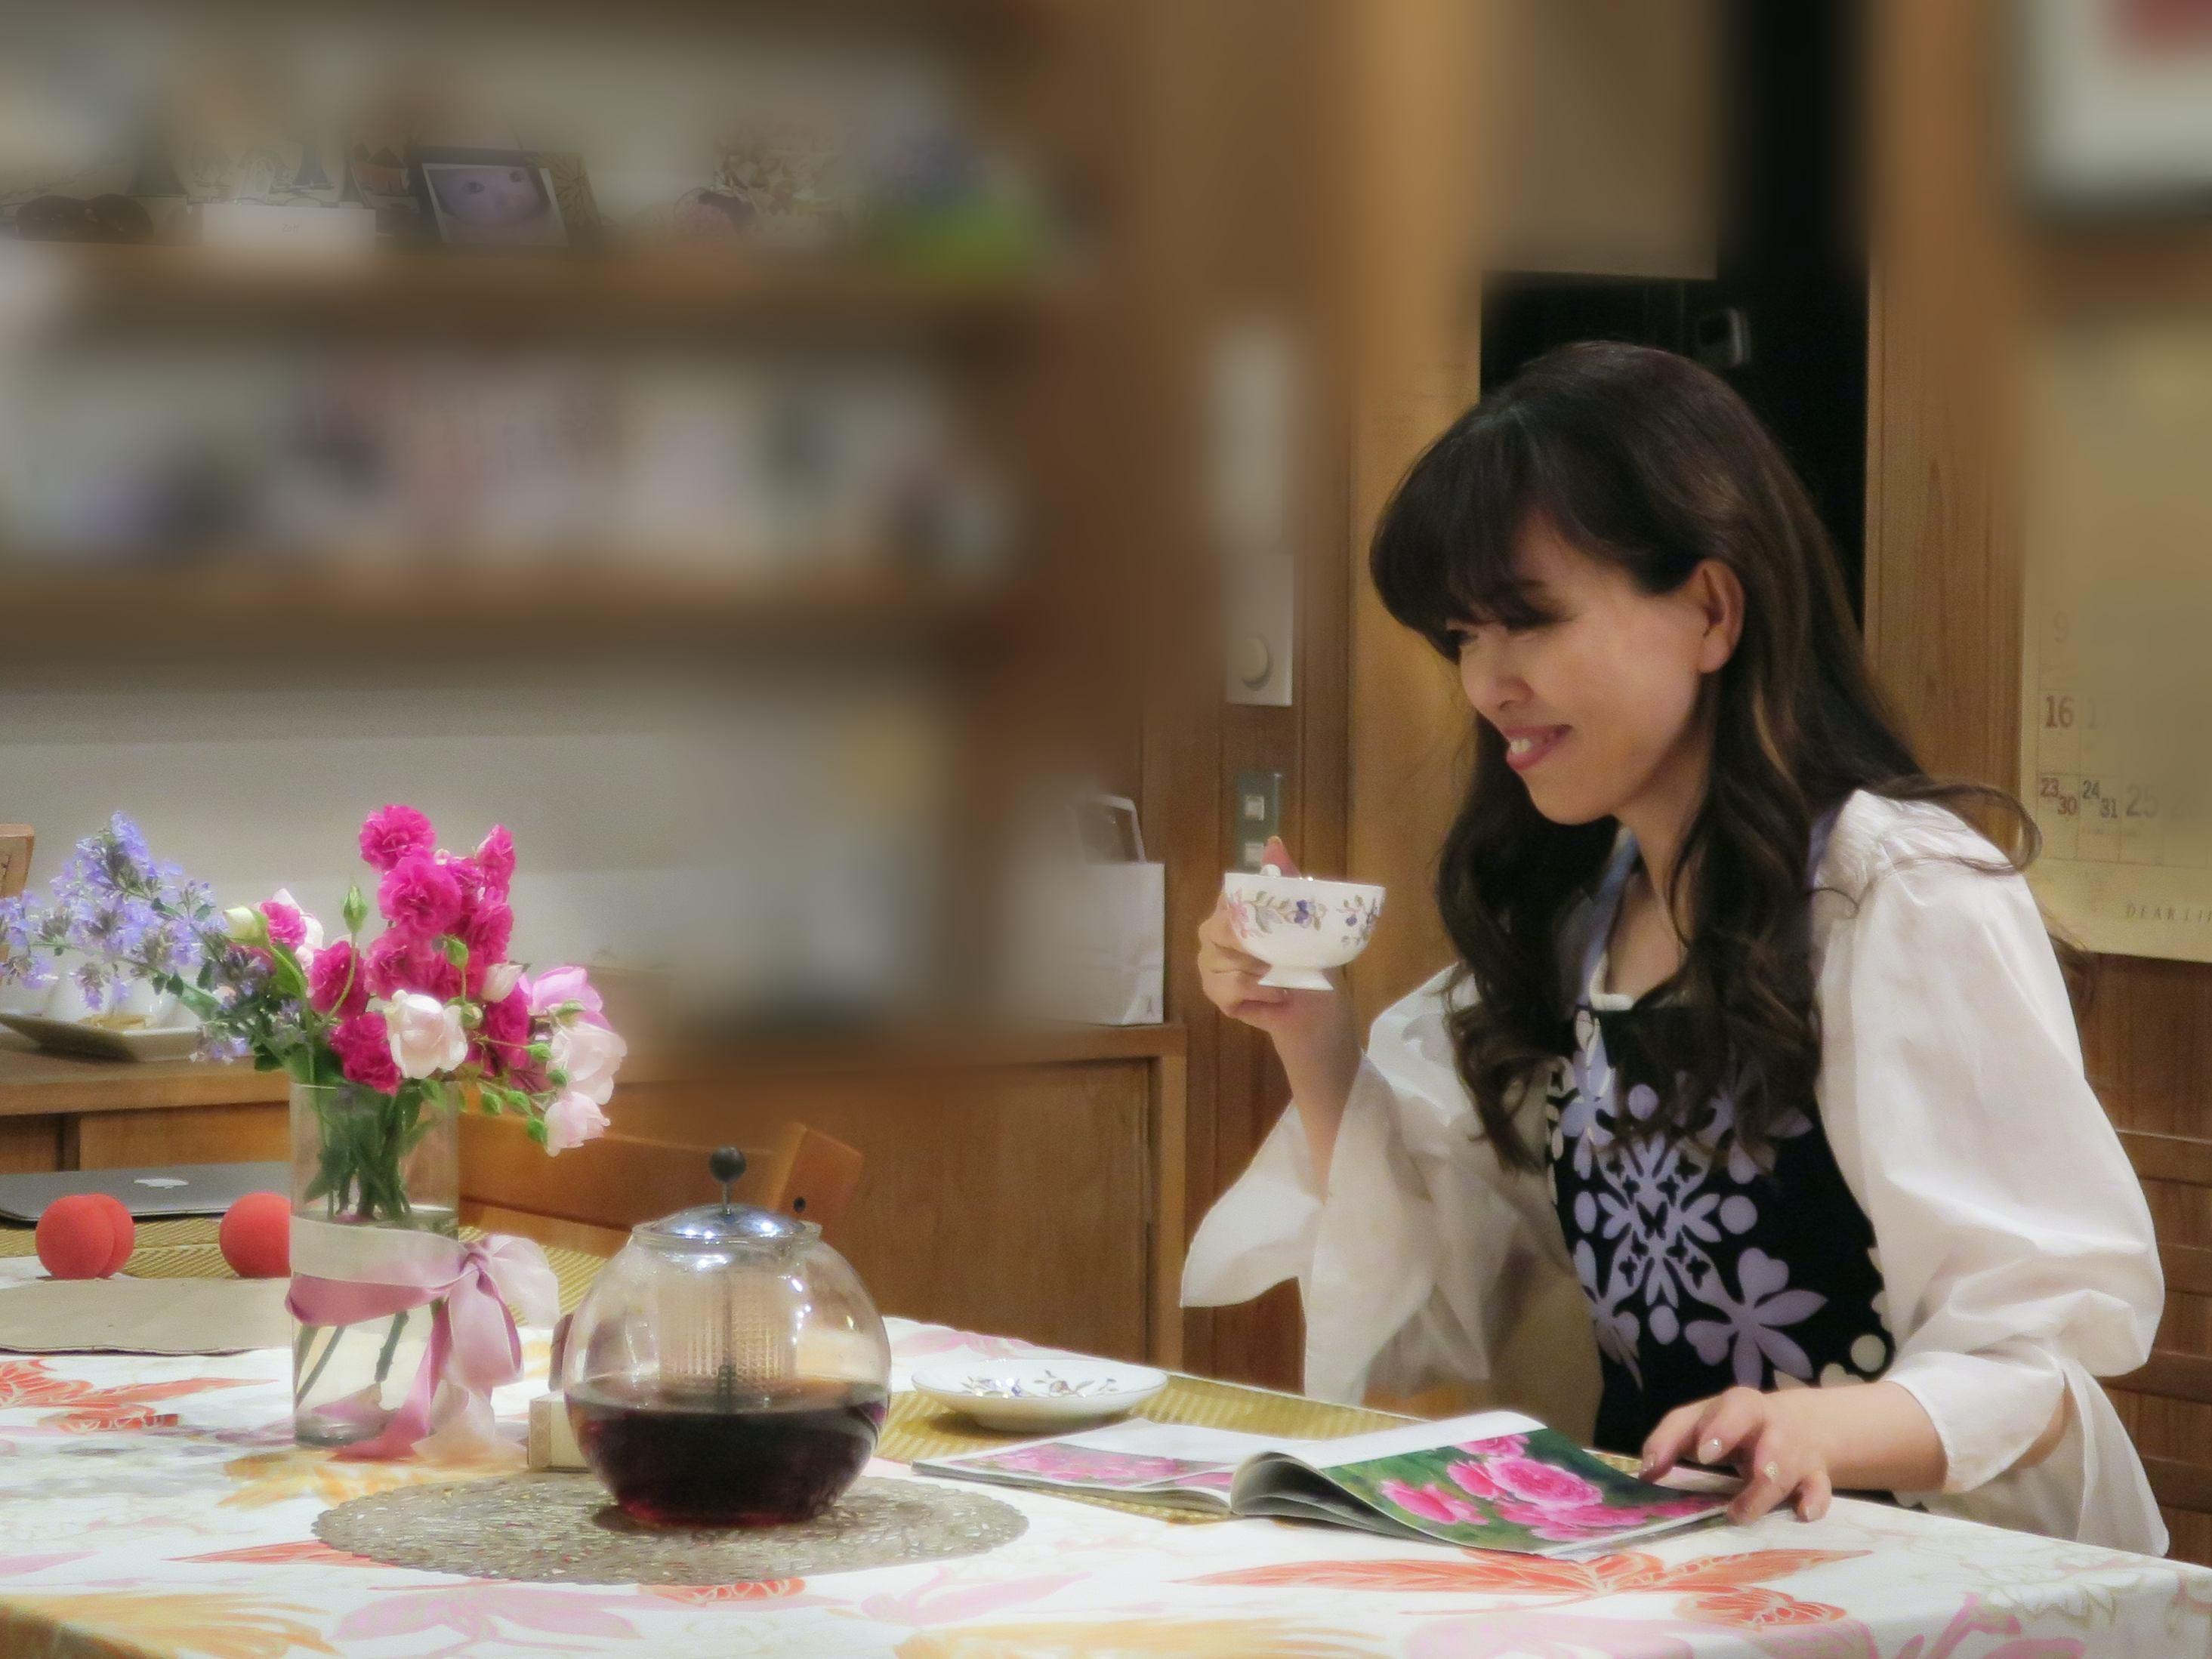 恋子の庭がテレビに!「田中哲司のこの庭きゅんです」_d0049381_04485960.jpeg